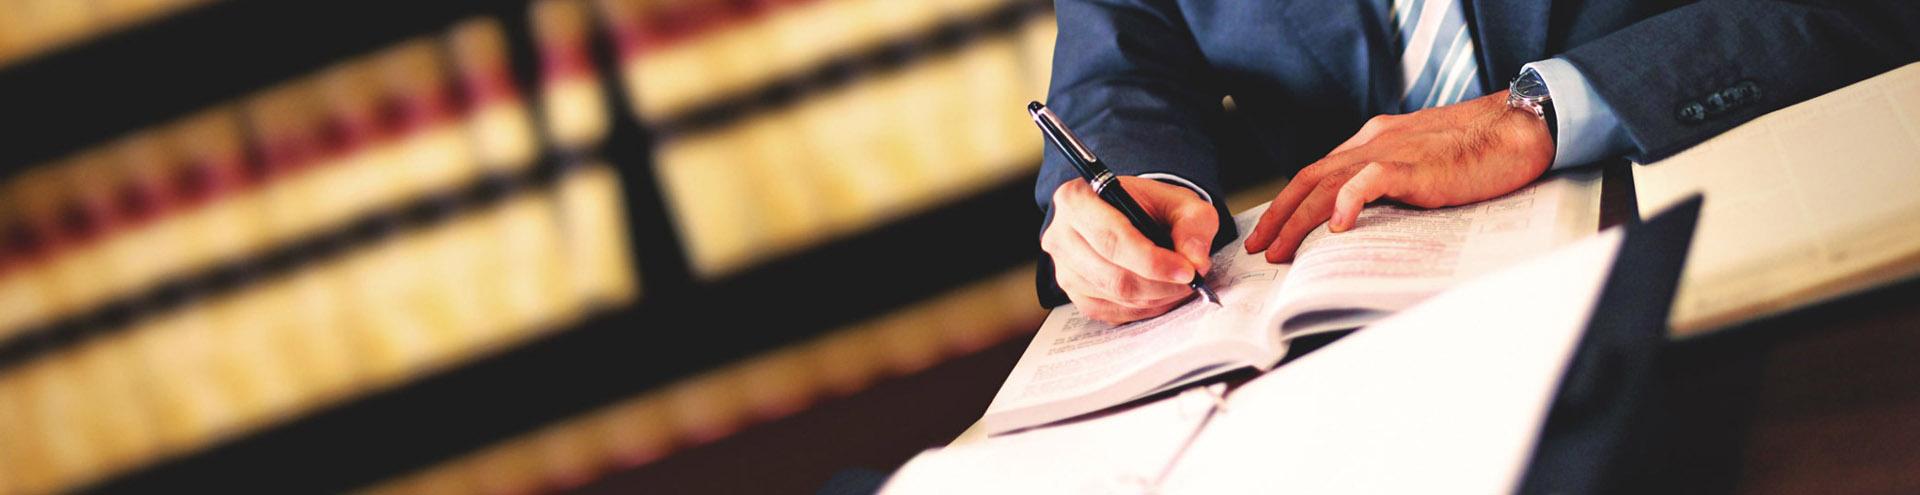 Адвокат по административным делам в Самаре и Самарской области